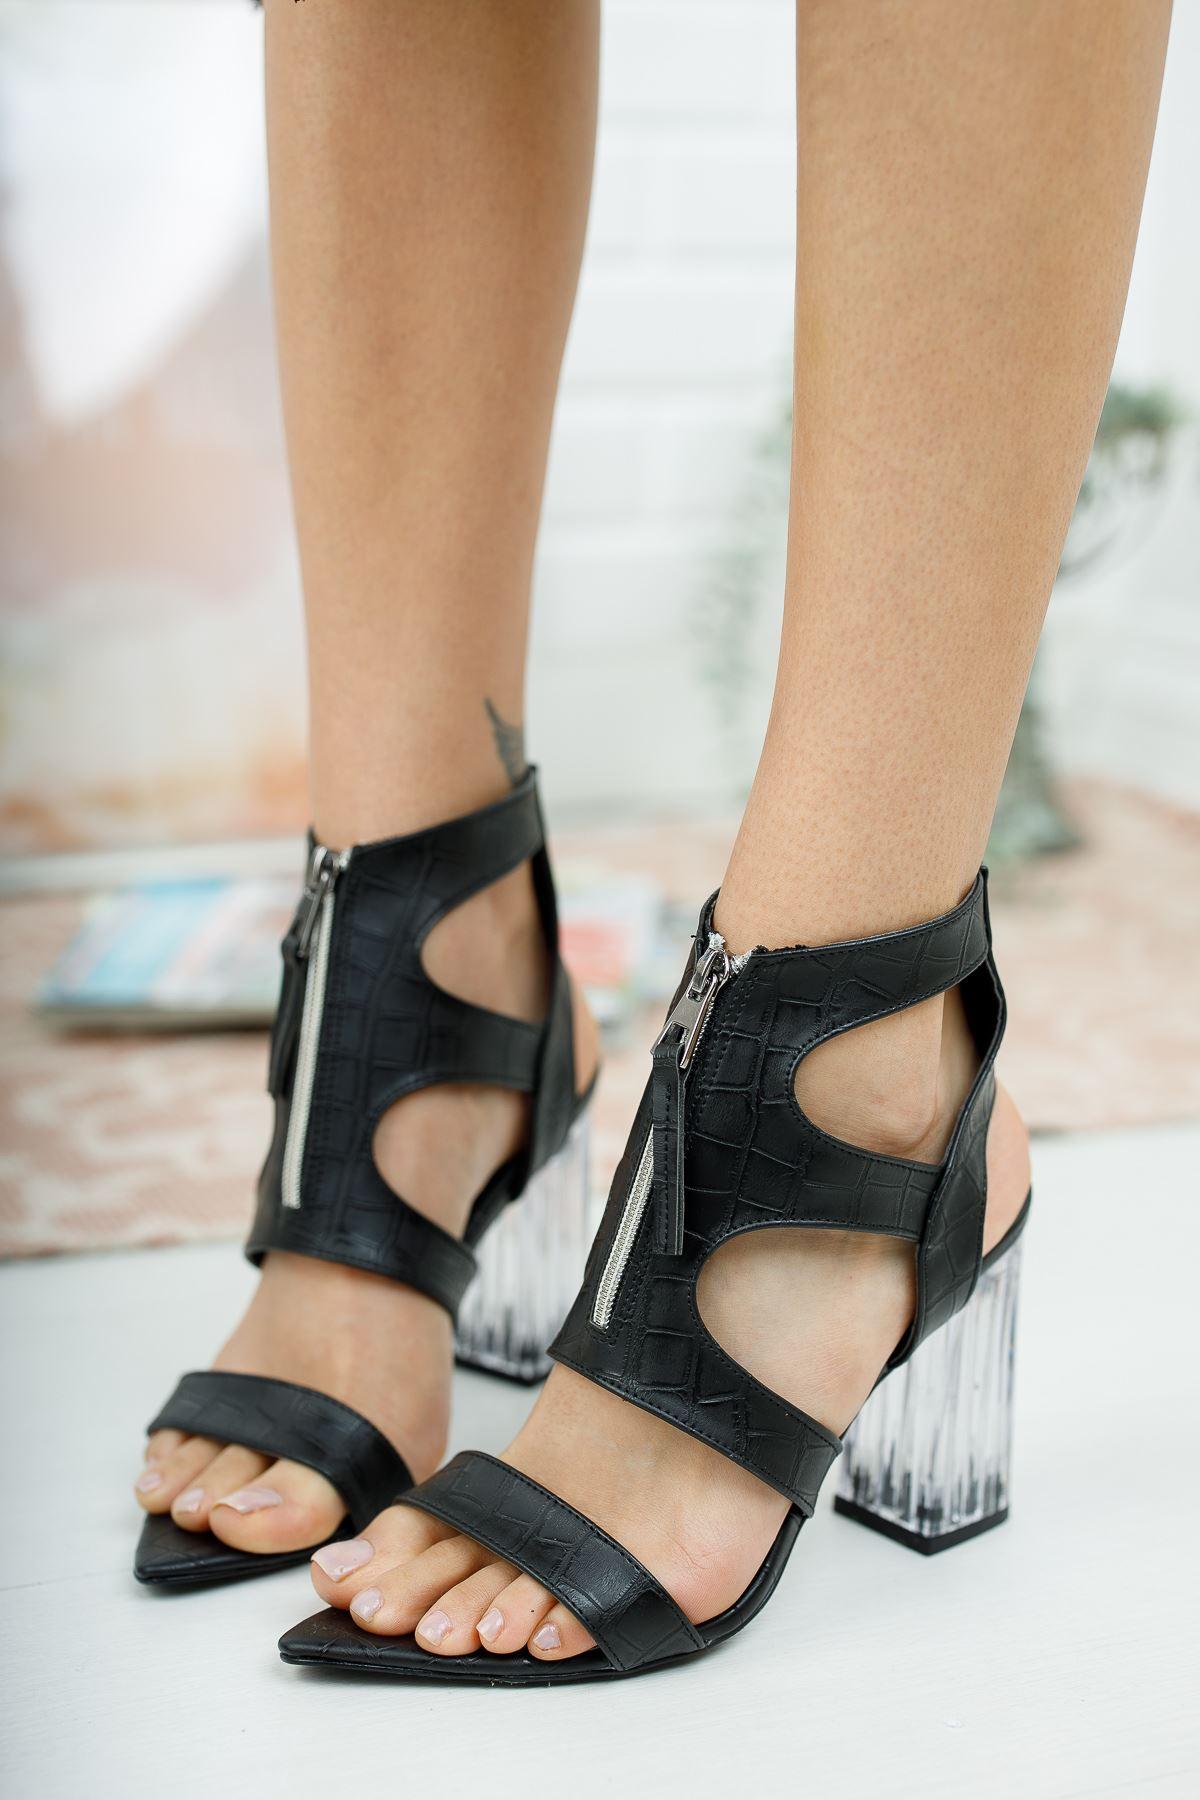 Alec Siyah Krokodil Şeffaf Topuklu Kadın Ayakkabı